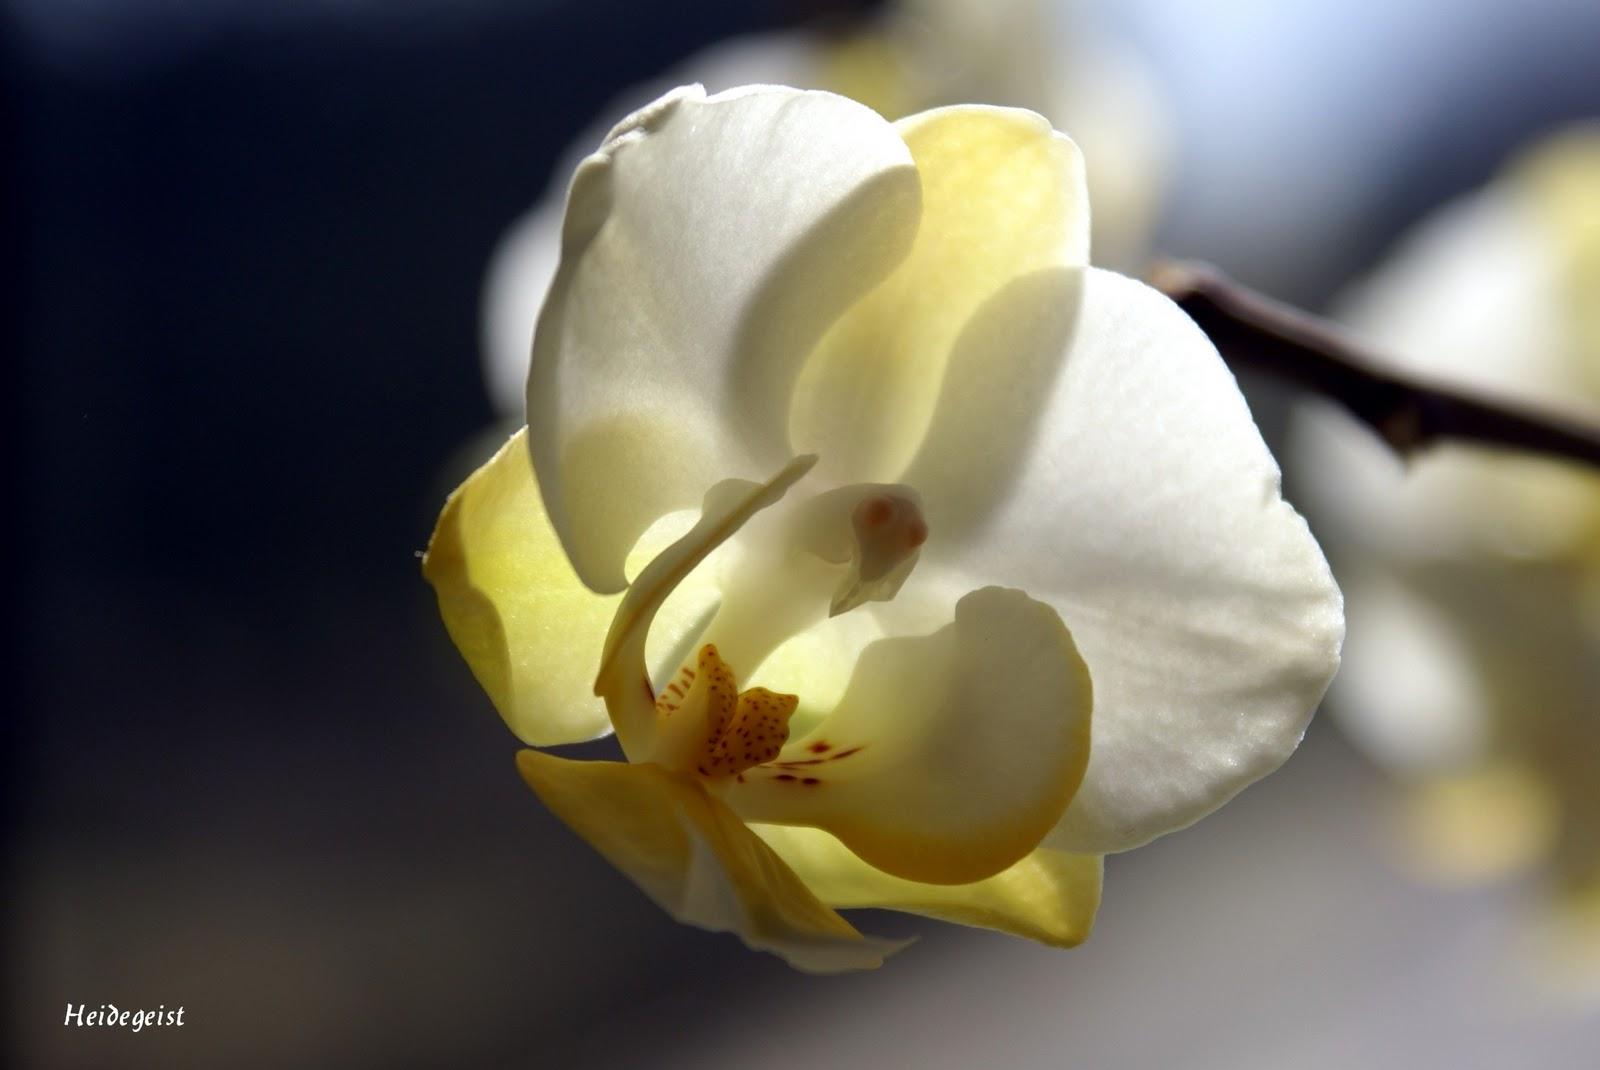 heidegeist hallo nathalie und meine orchidee. Black Bedroom Furniture Sets. Home Design Ideas